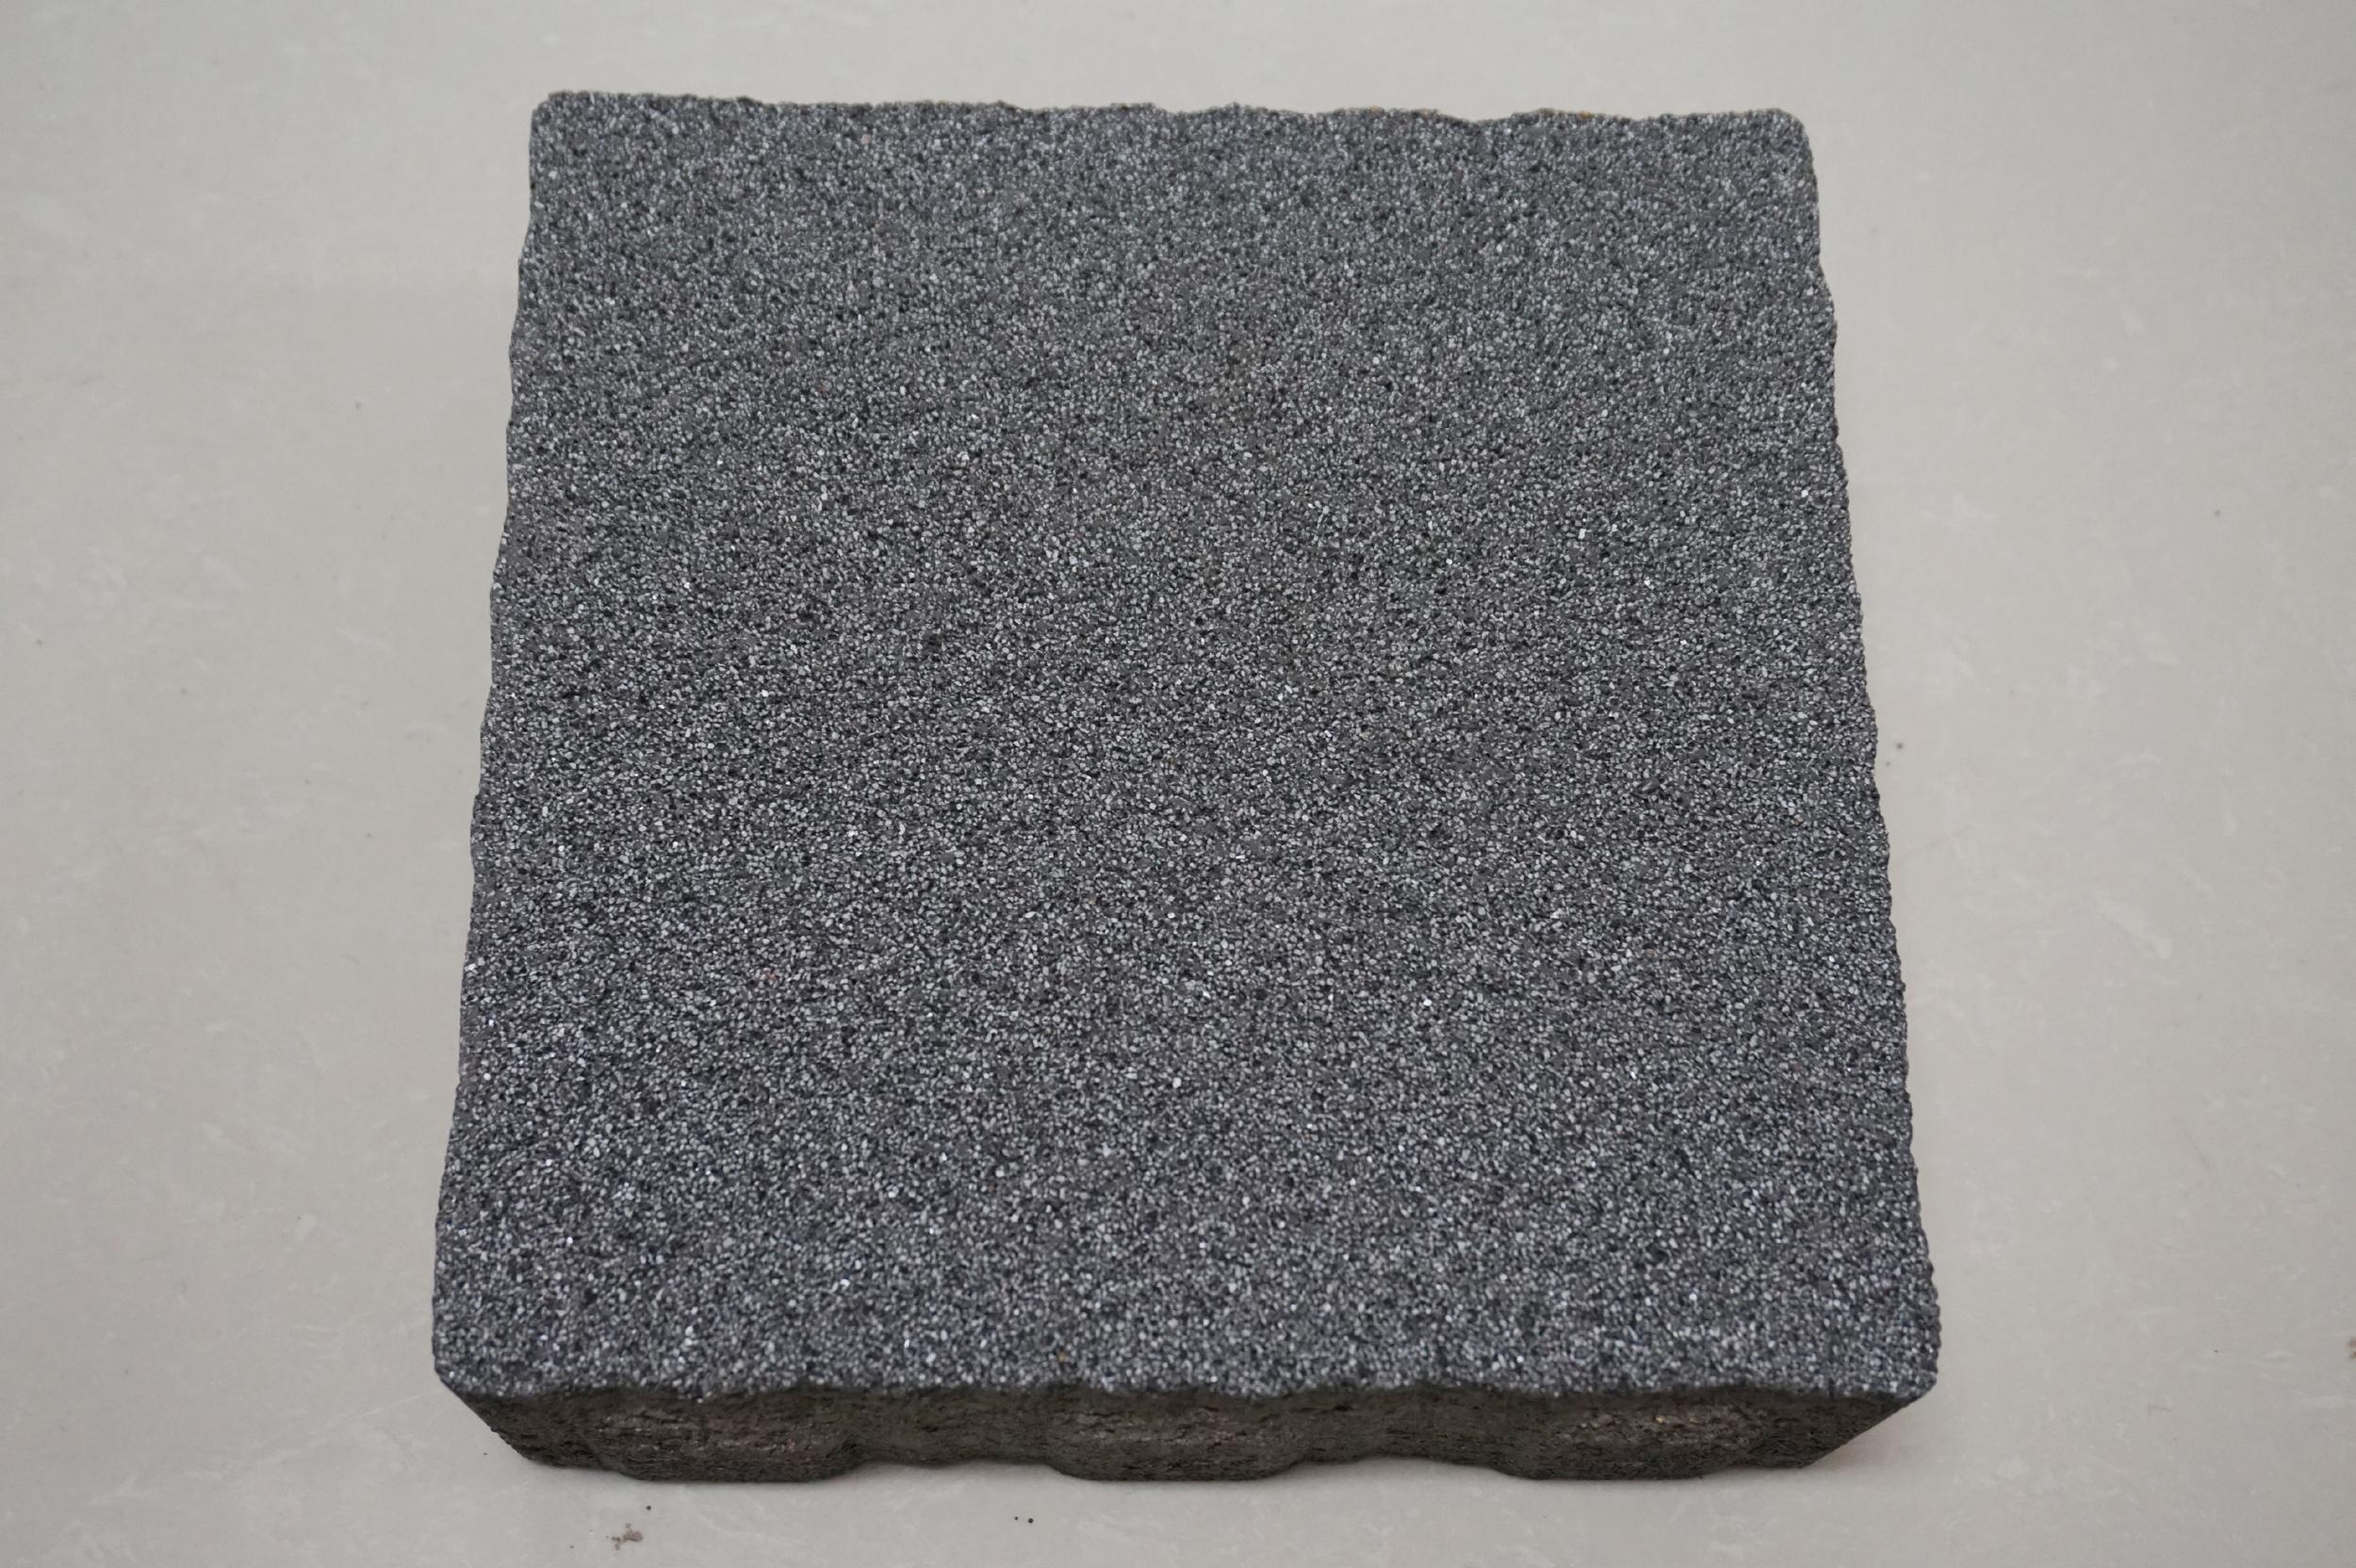 缝隙透水仿石材